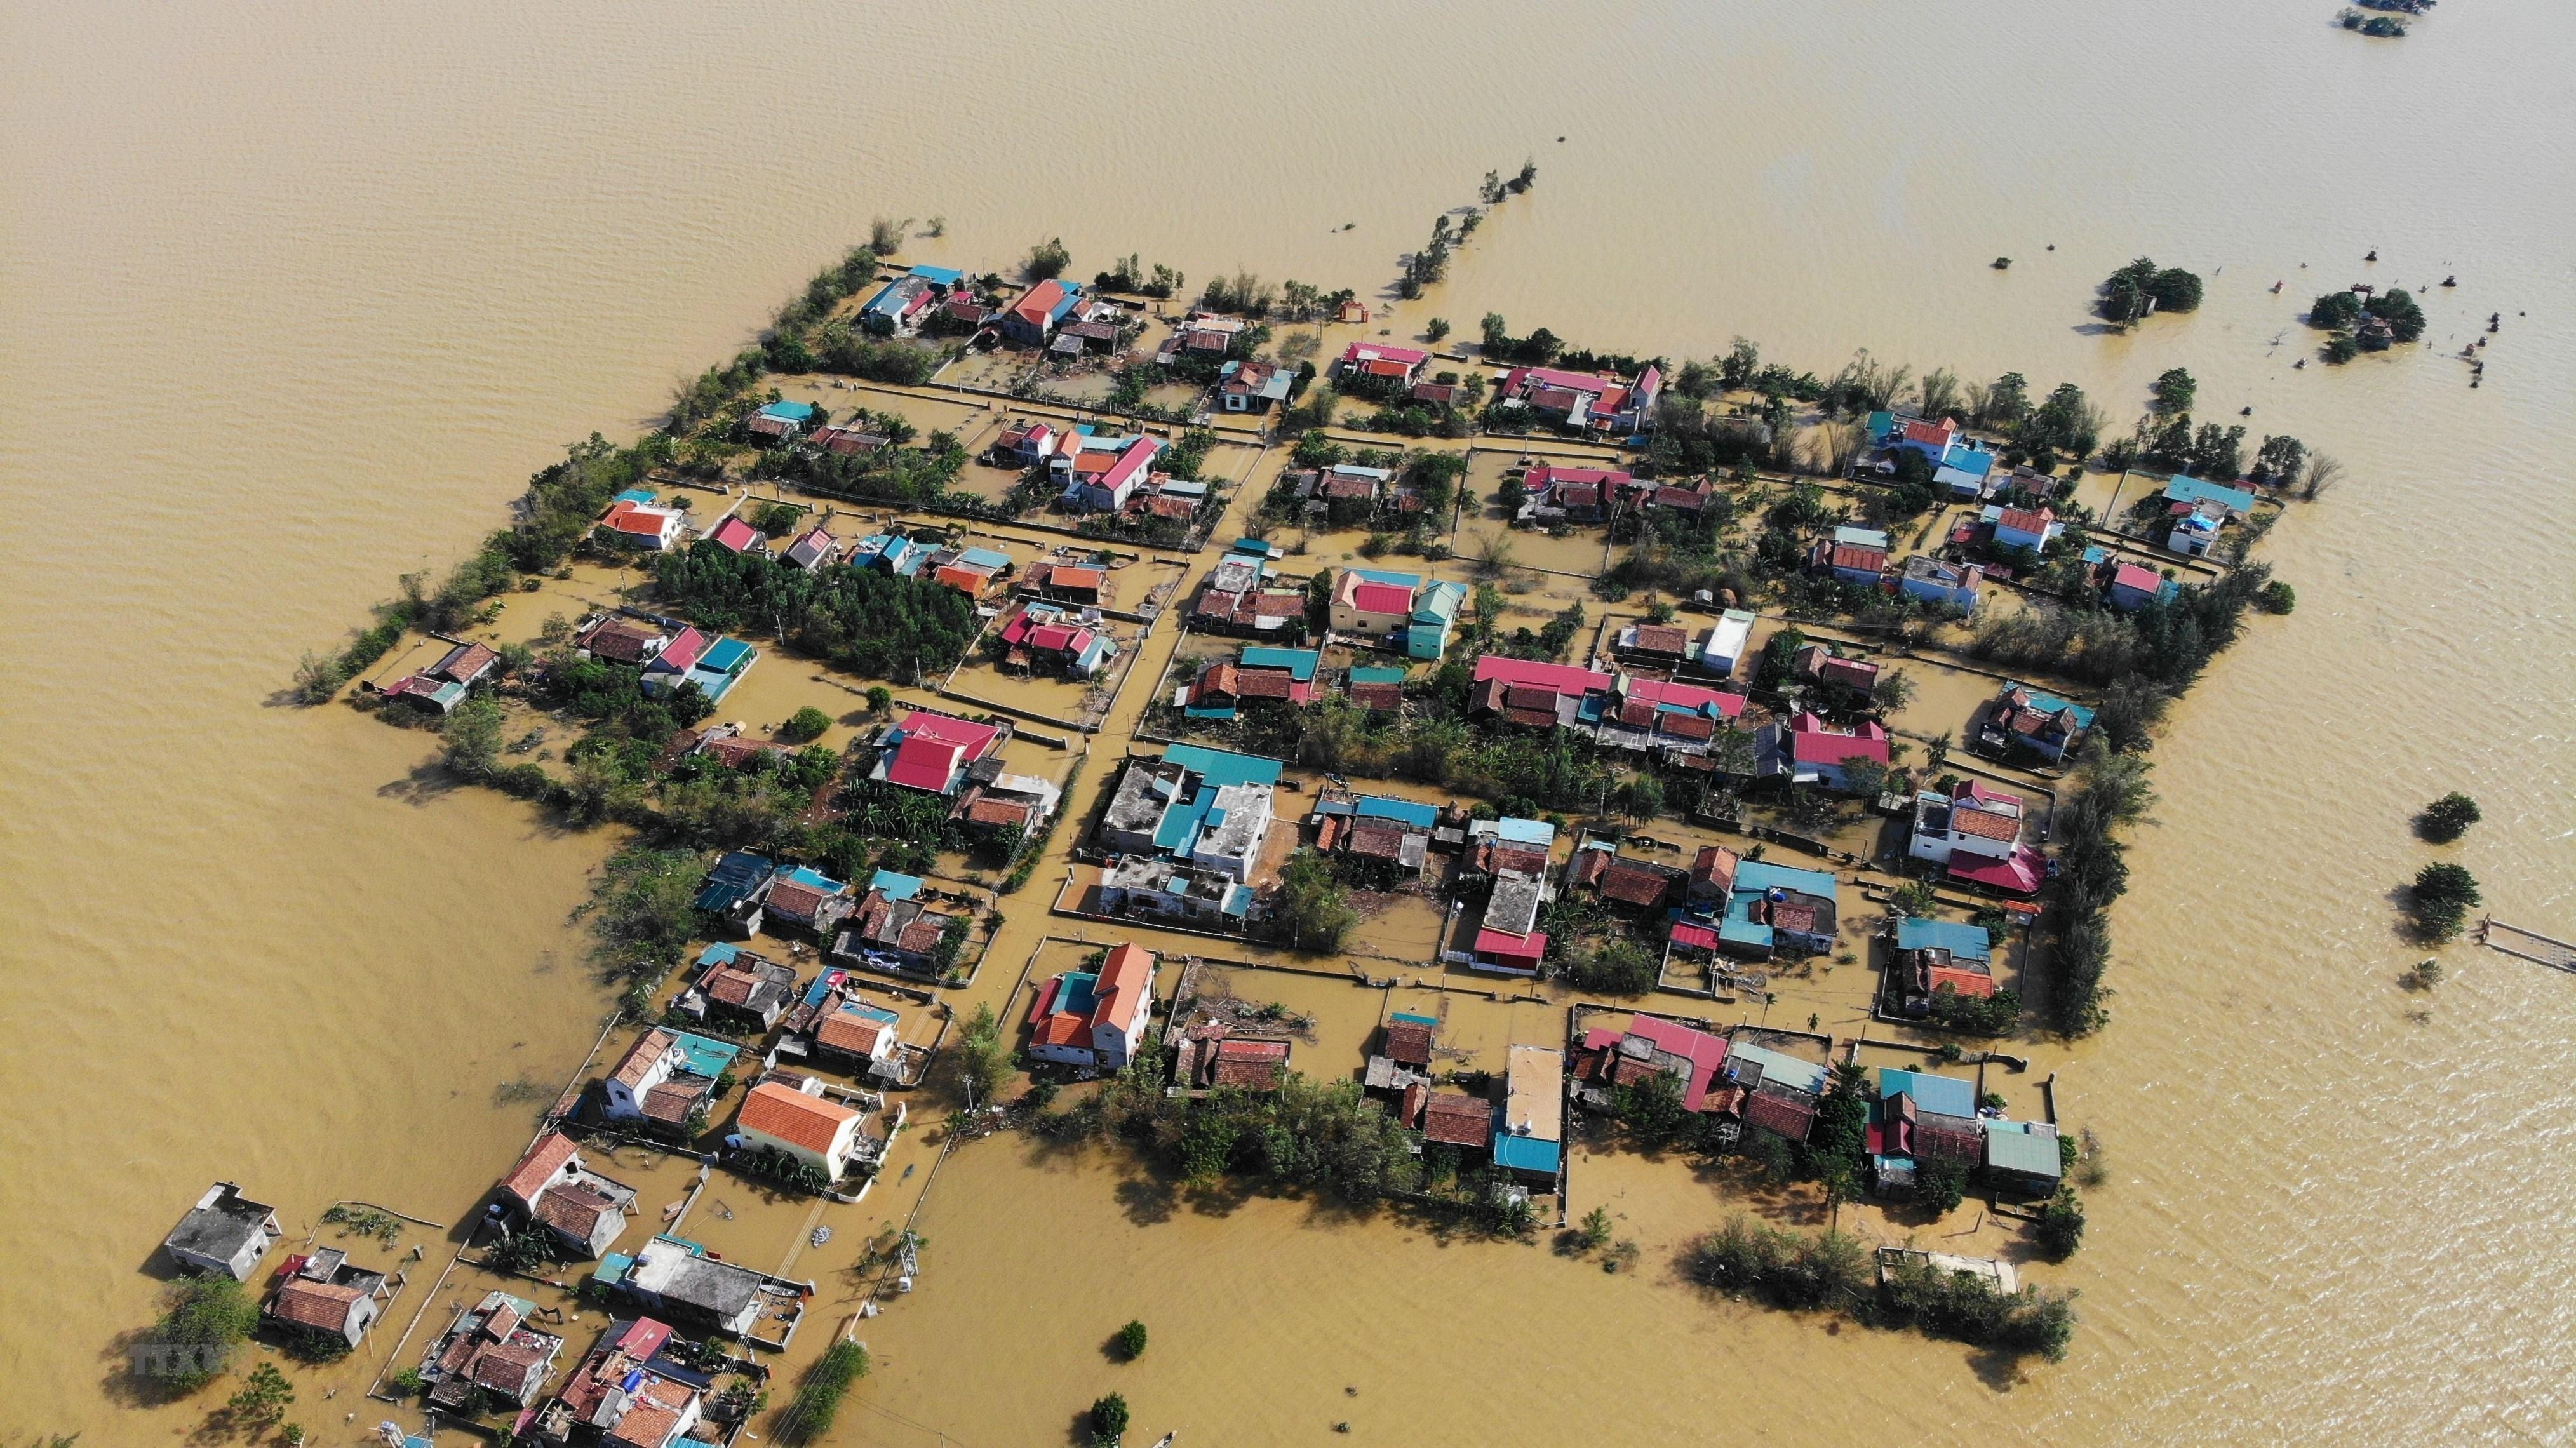 Thôn Hữu Tân, xã Tân Ninh, huyện Quảng Ninh (Quảng Bình) bị nước lũ bủa vây tứ phía. (Ảnh: Danh Lam/TTXVN)